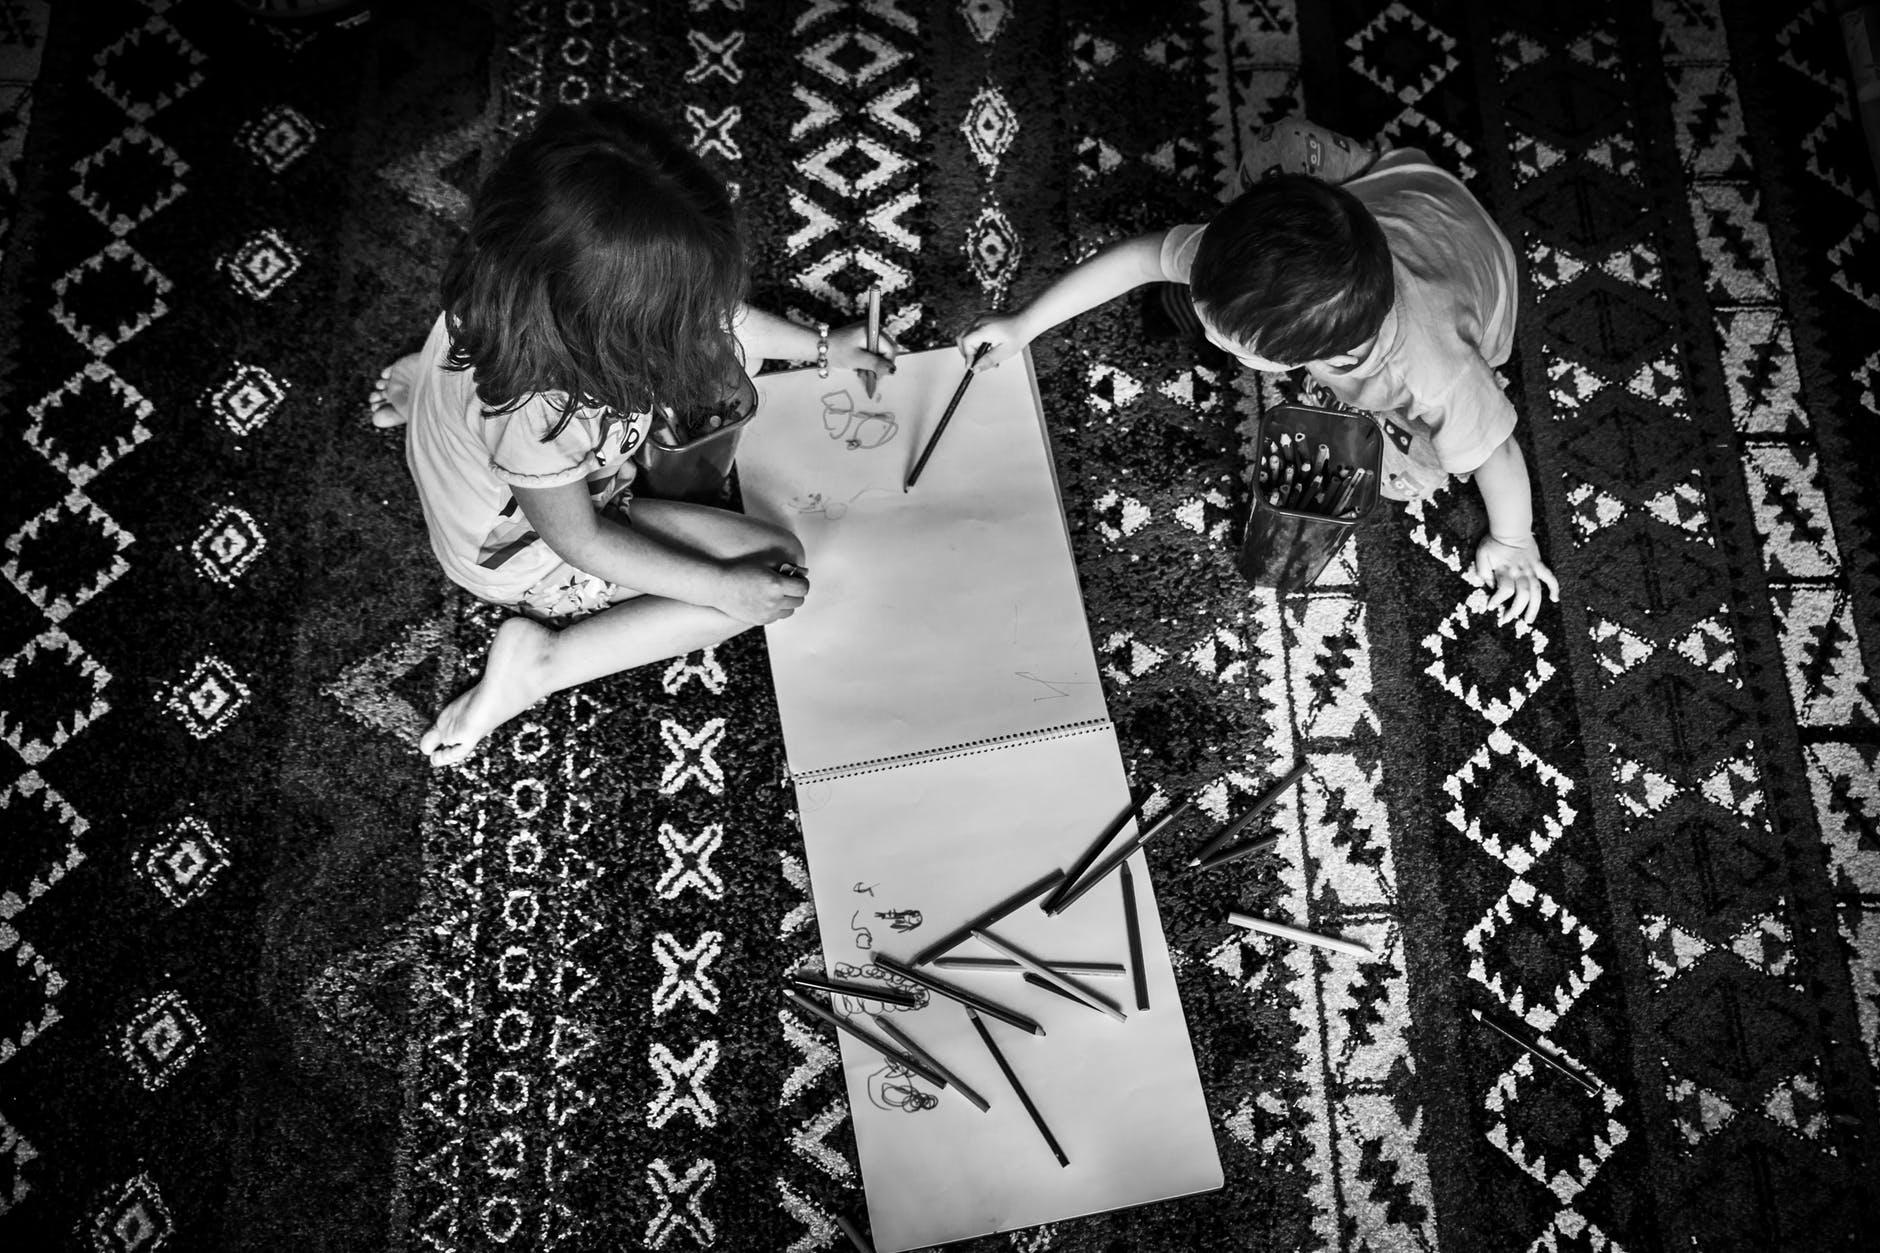 boy carpet child children